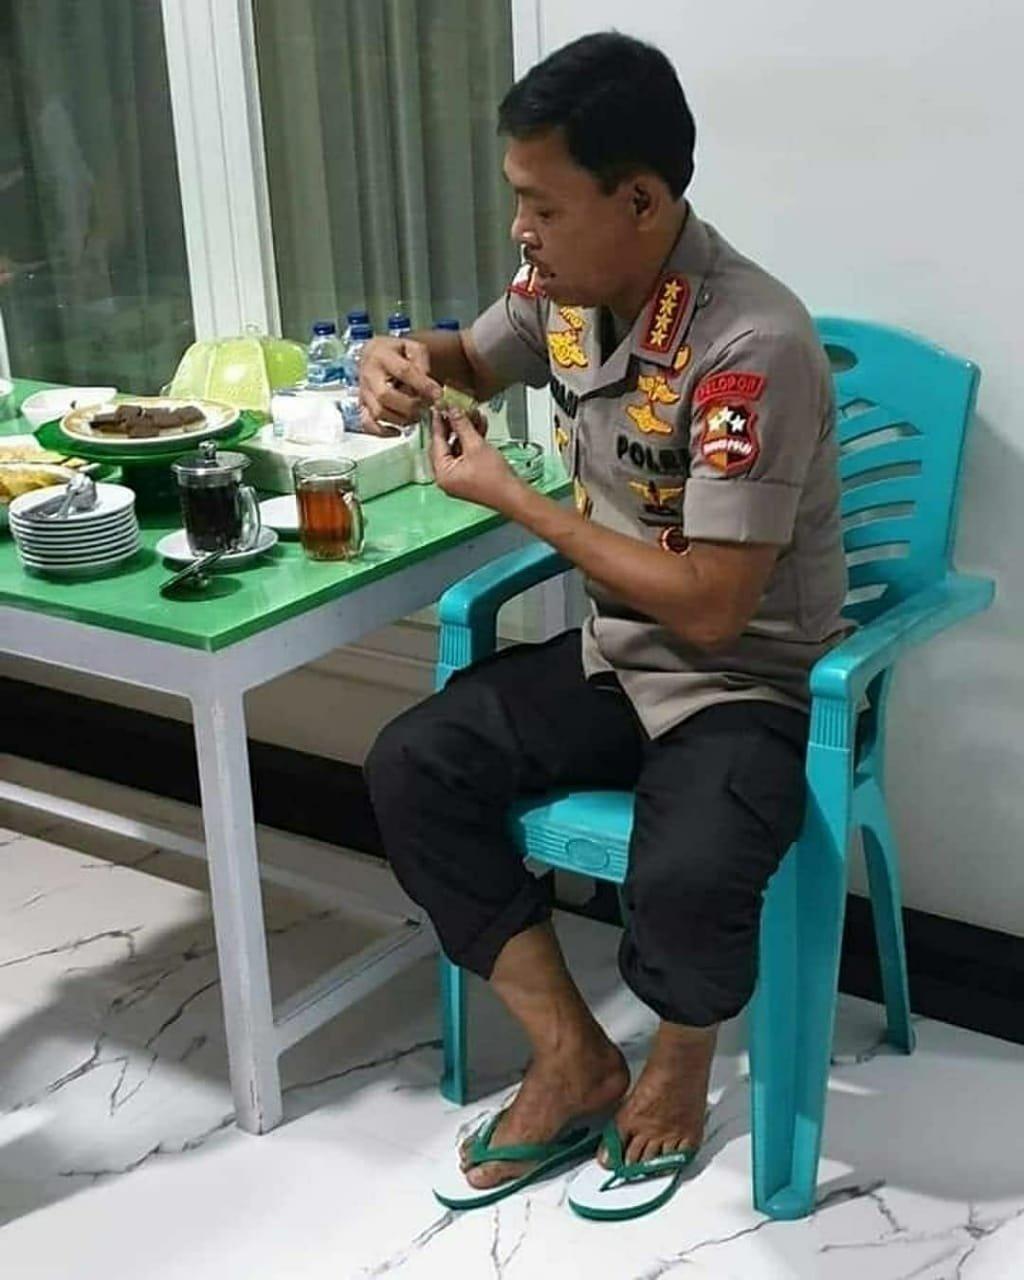 Foto Idham Aziz Bersandal Jepit dan Makan Kue Lapis Viral di Medsos